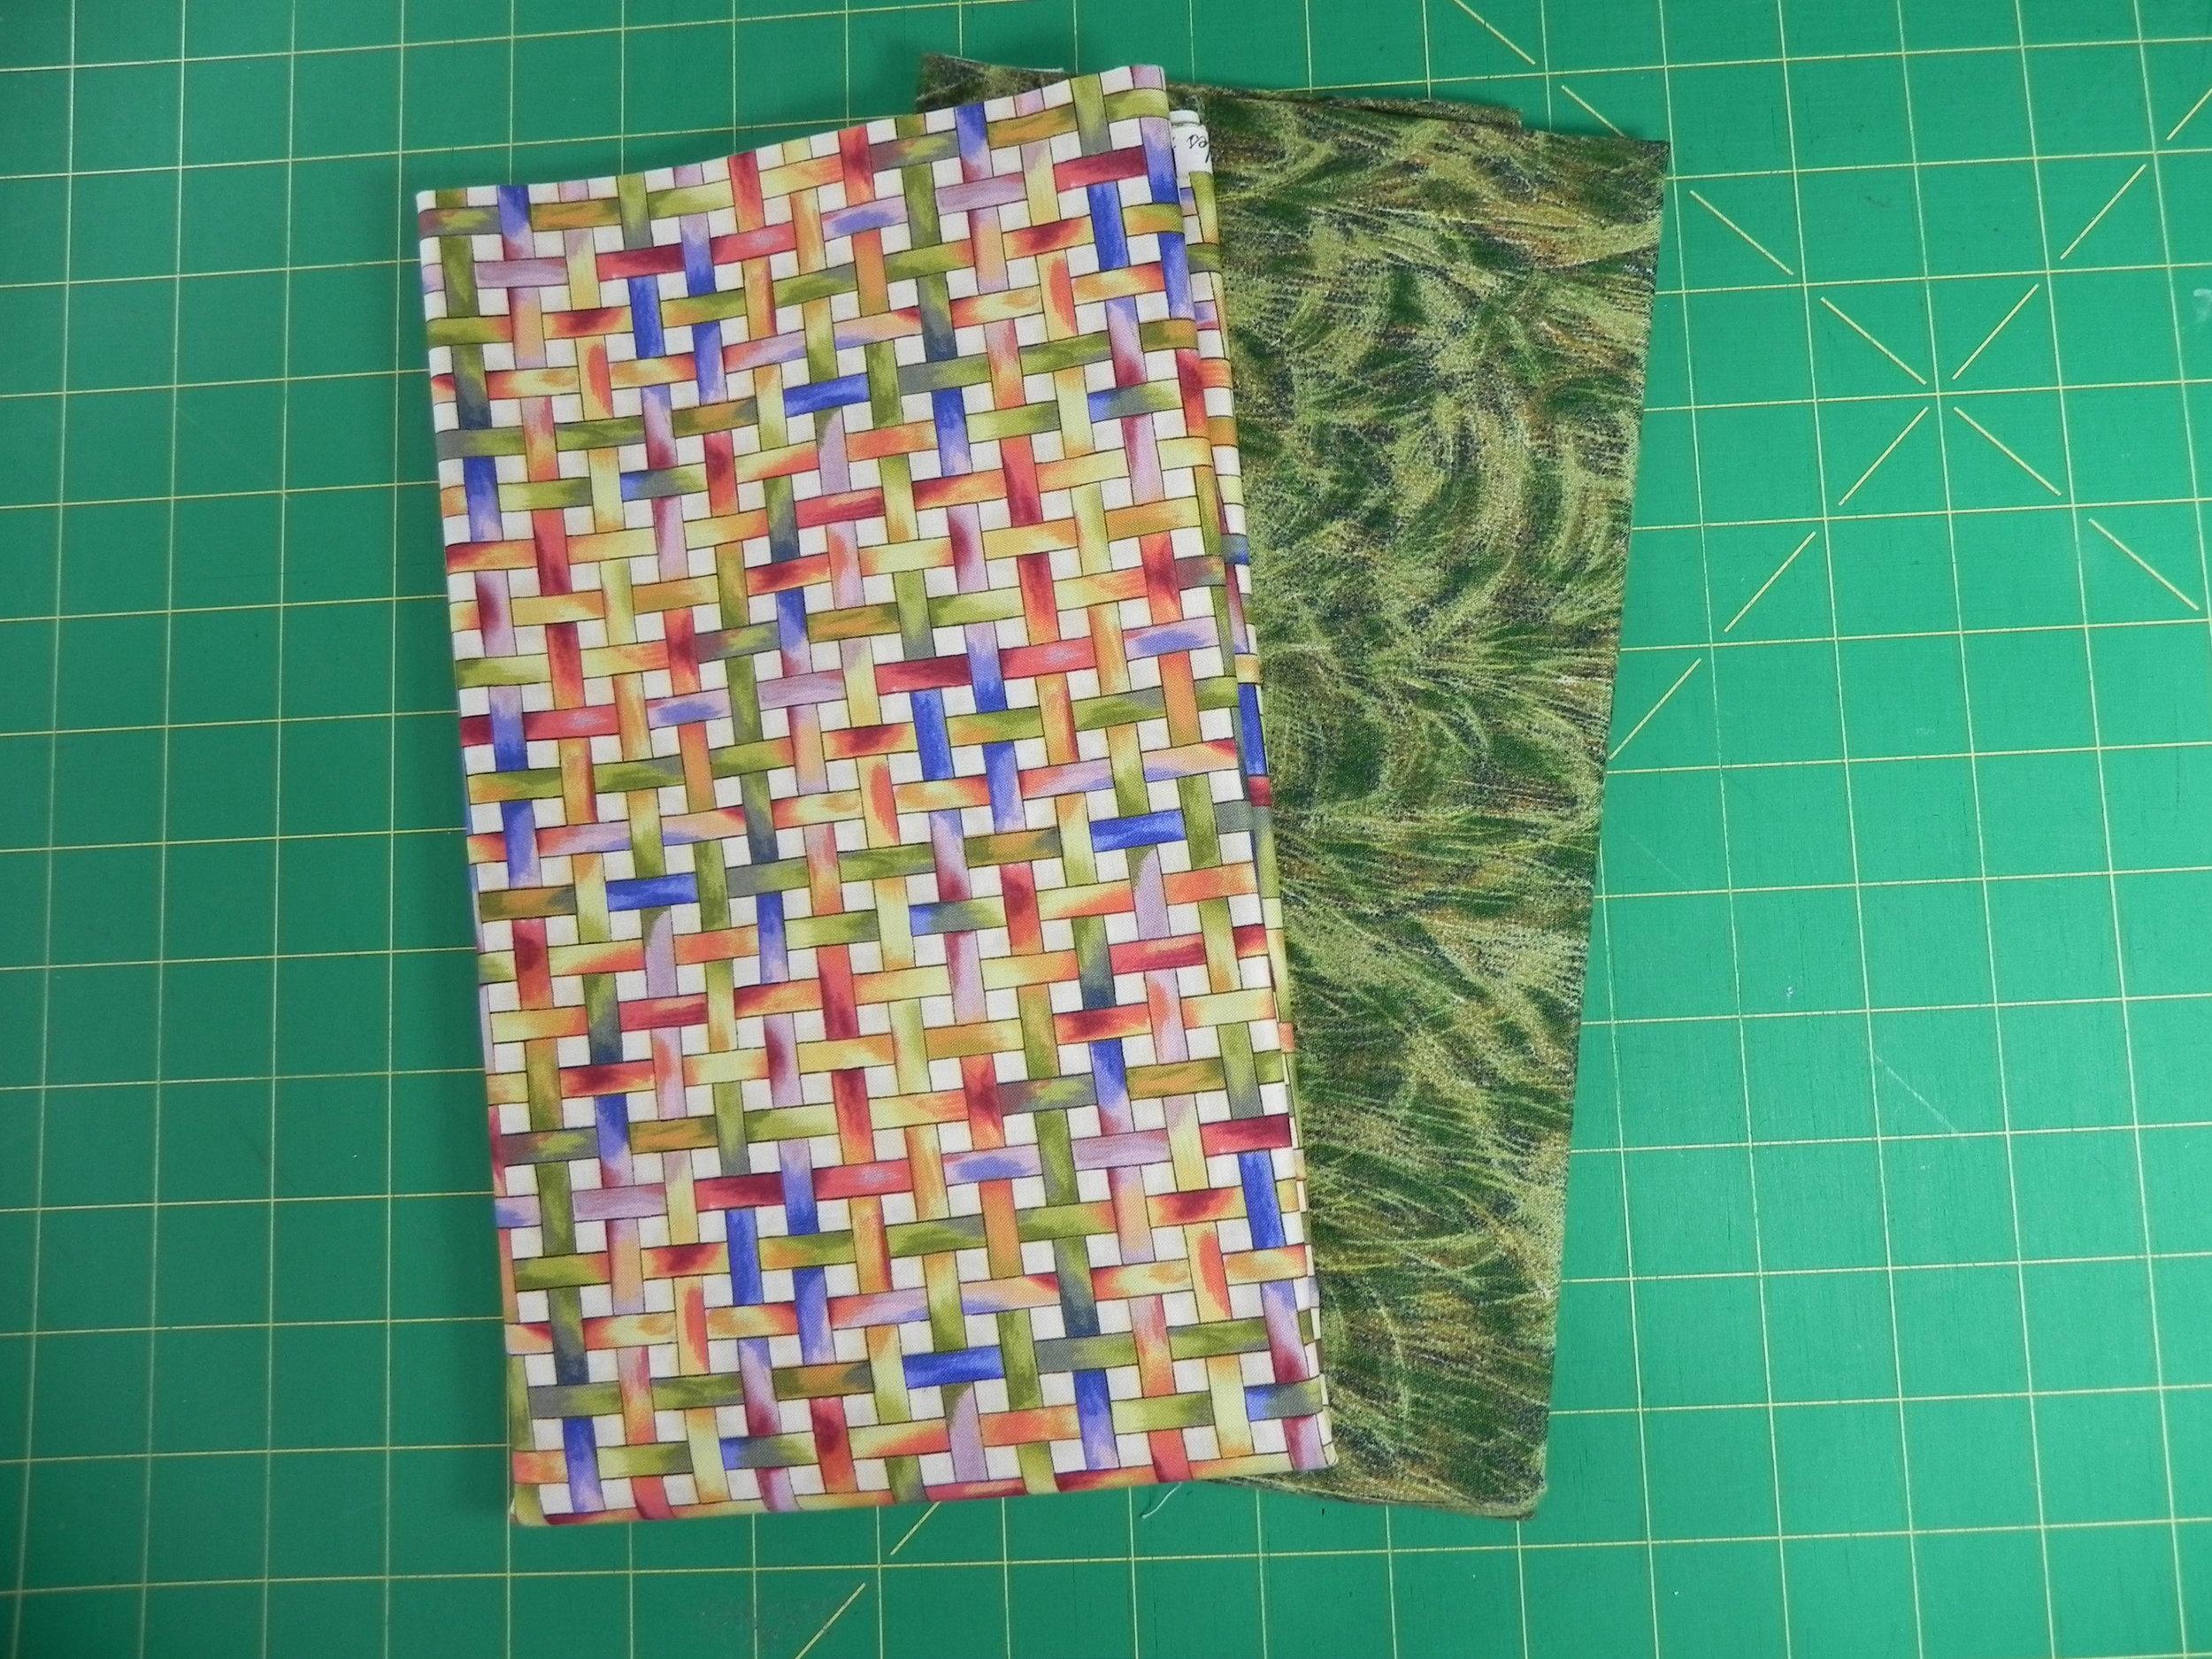 Prize 4: 1 yard weave design, 1 yard green